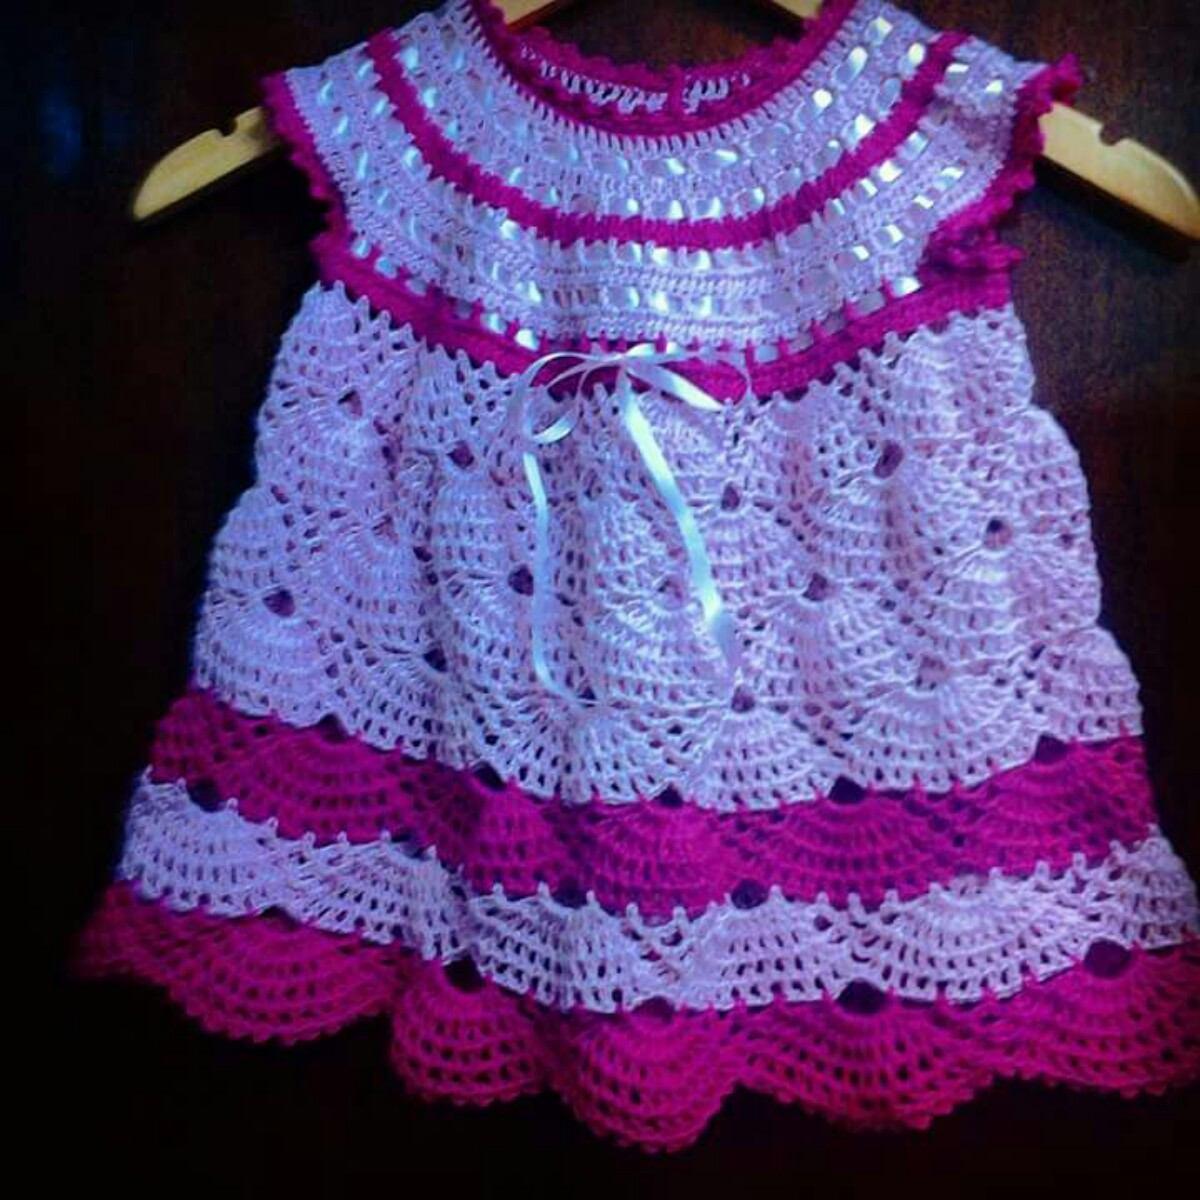 e4ea93789988 Vestidos De Bebe Em Crochê. - R$ 60,00 em Mercado Livre